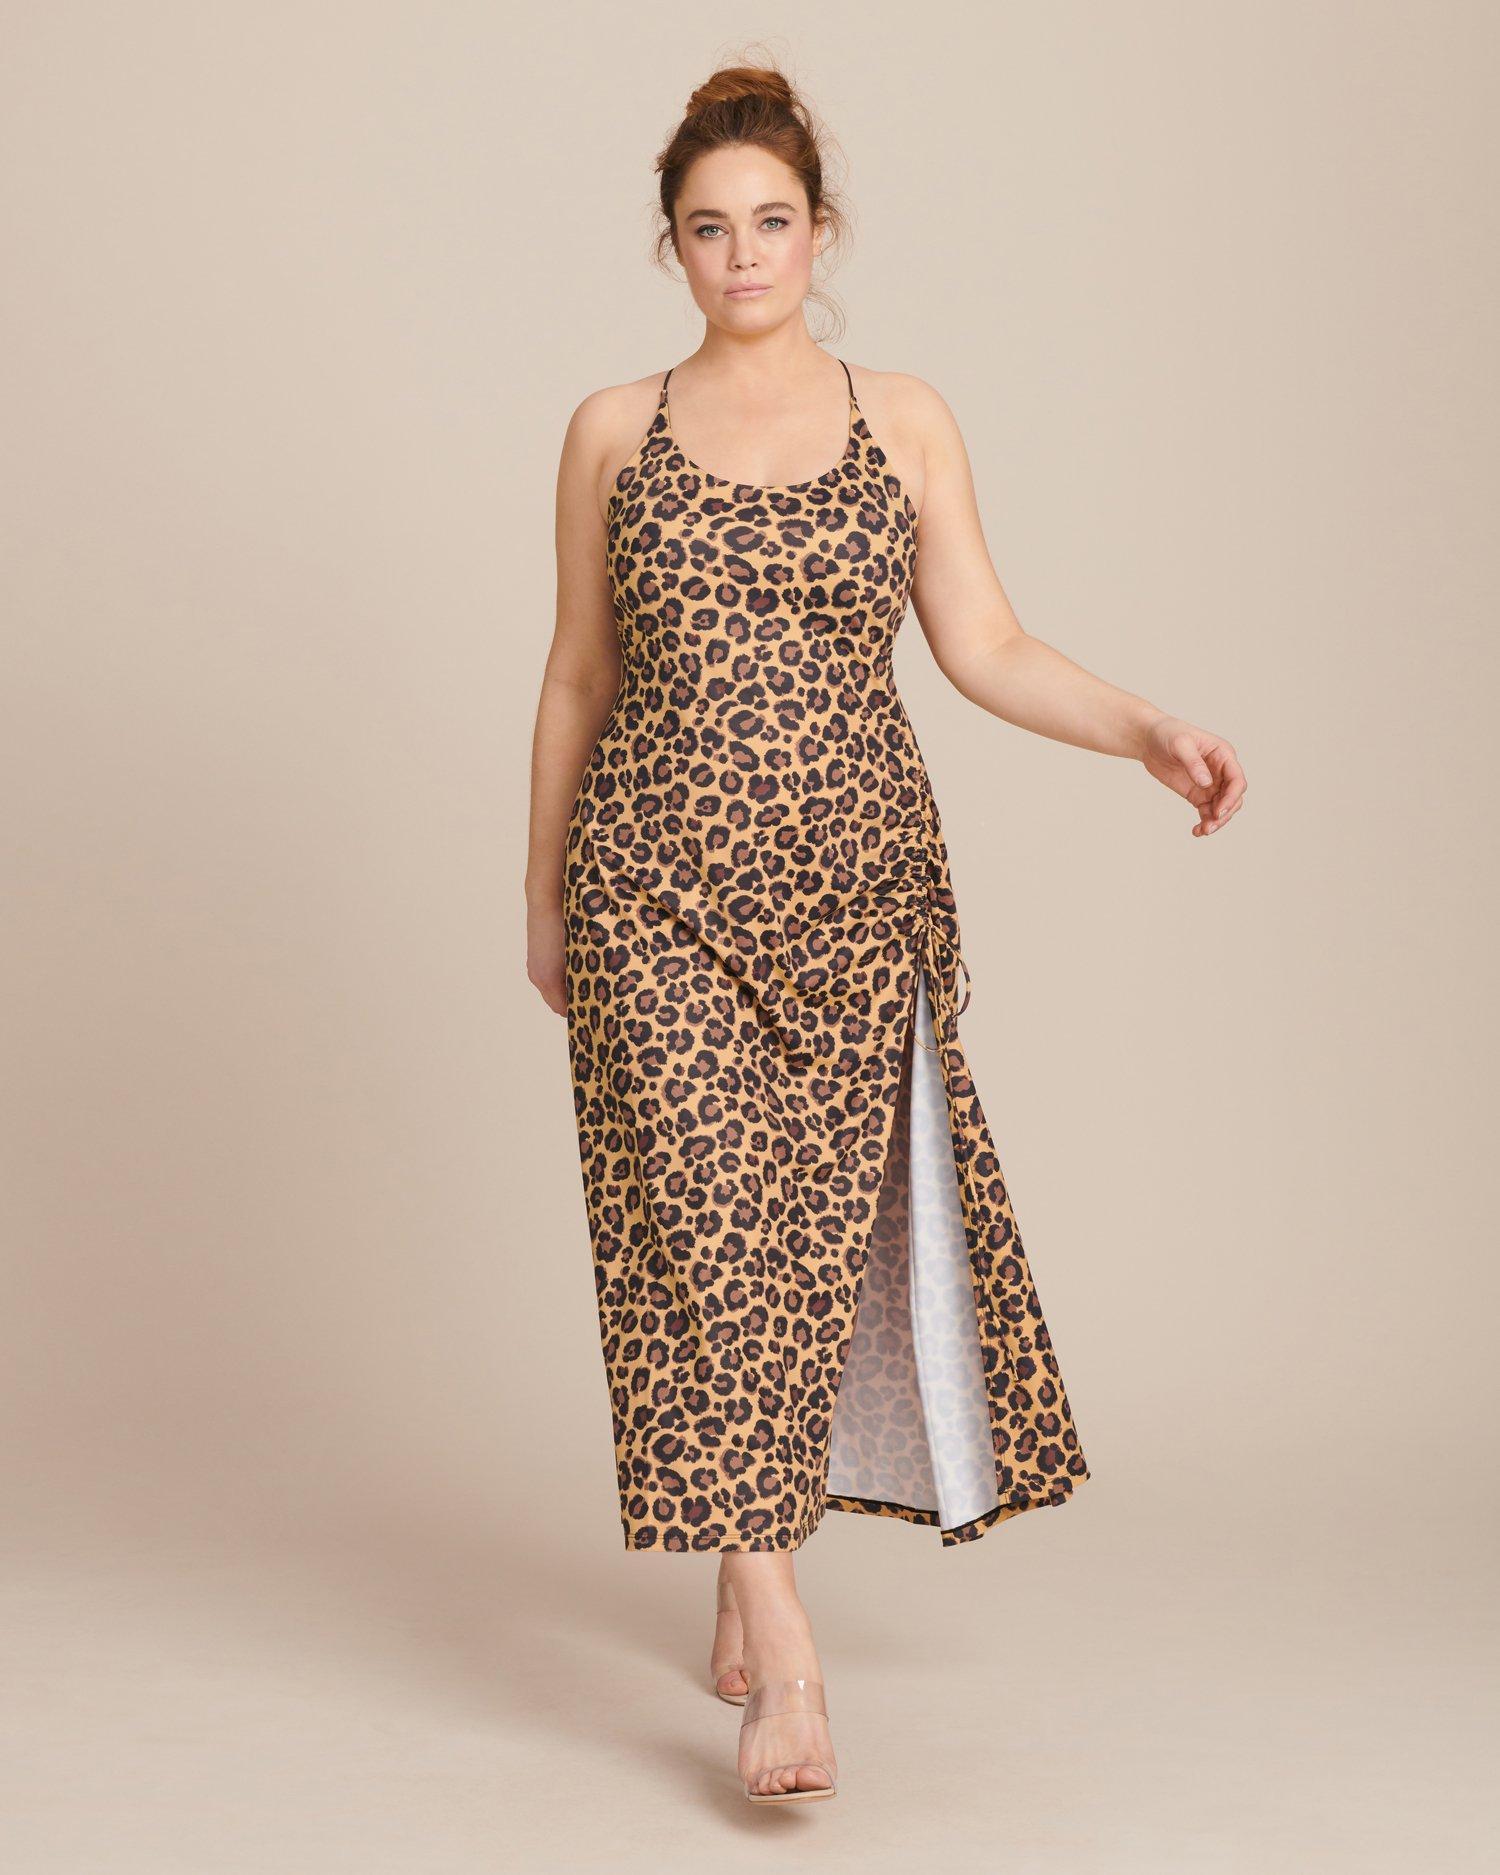 d69681a568 Adam Selman. Women s Built-in Bra Slit Dress